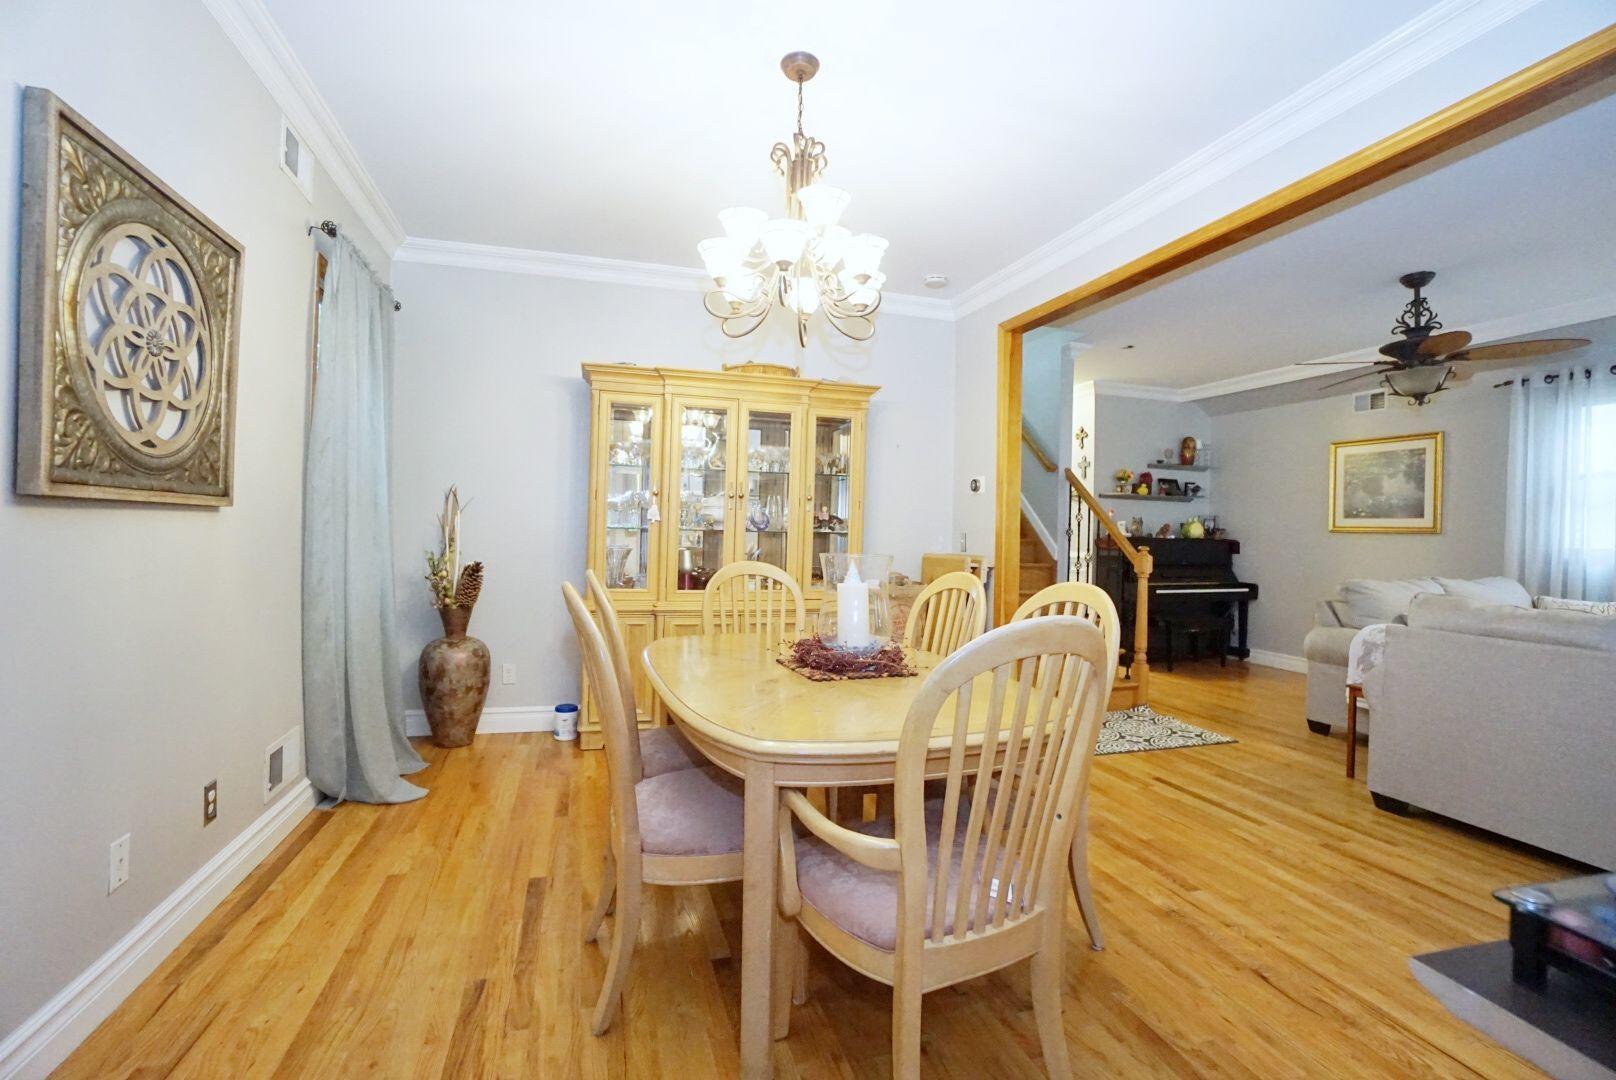 Single Family - Detached 311 Sharrott Avenue  Staten Island, NY 10309, MLS-1146042-13